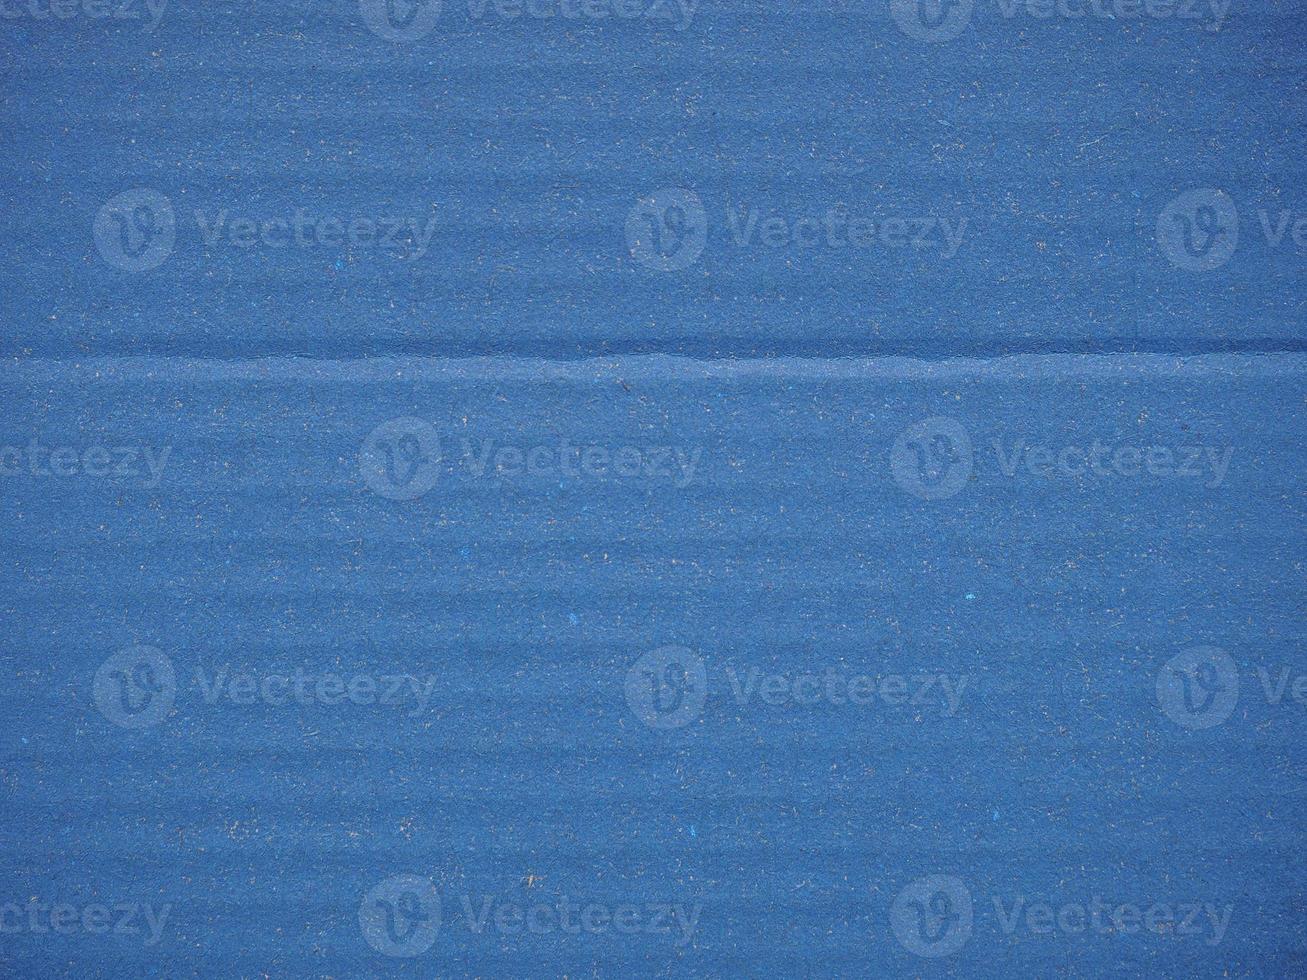 fundo de papelão ondulado azul foto